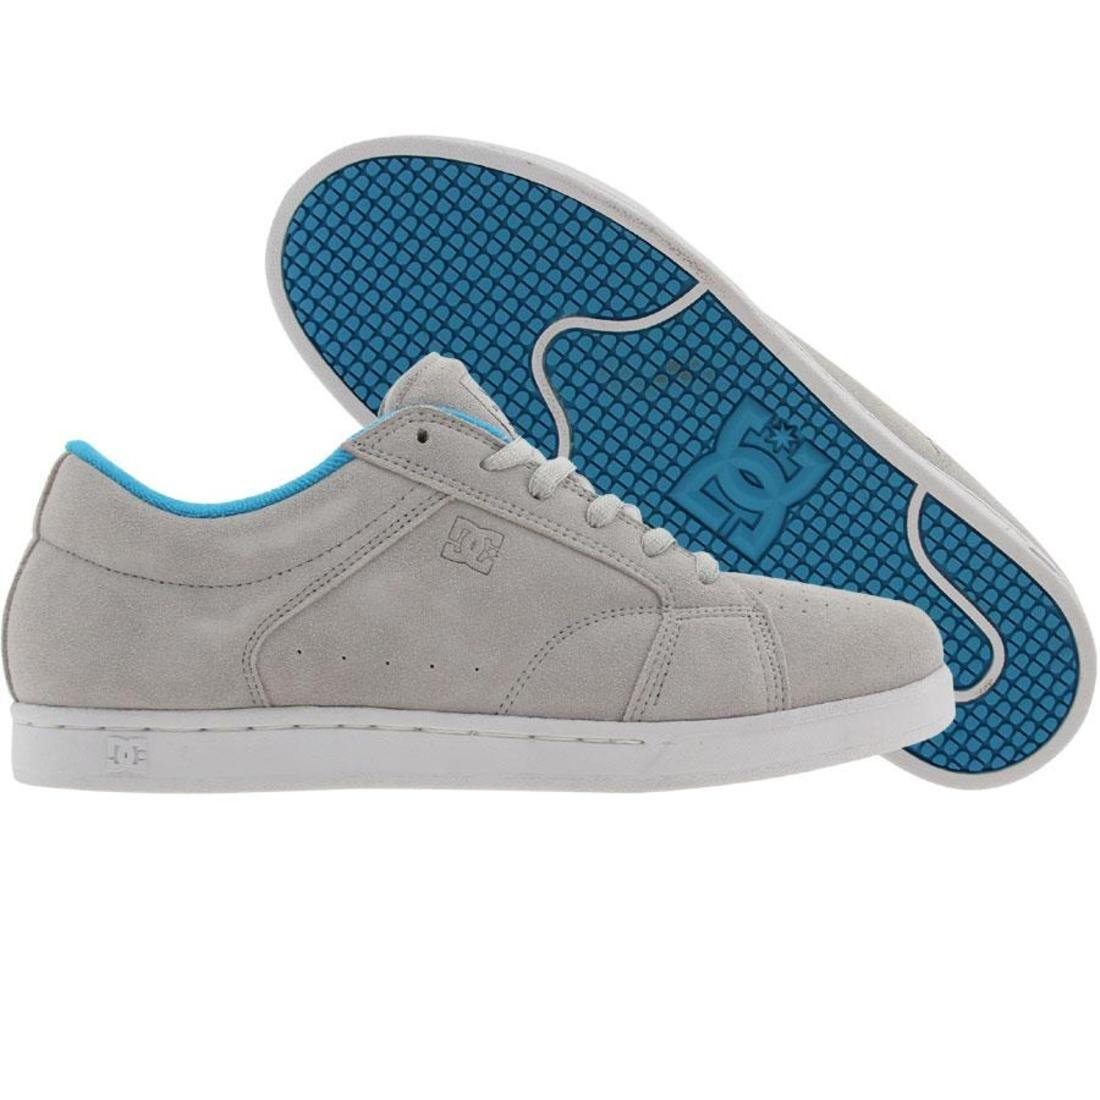 【海外限定】ディーシー 靴 メンズ靴 【 DC CREW S ARMOR WHITE 】